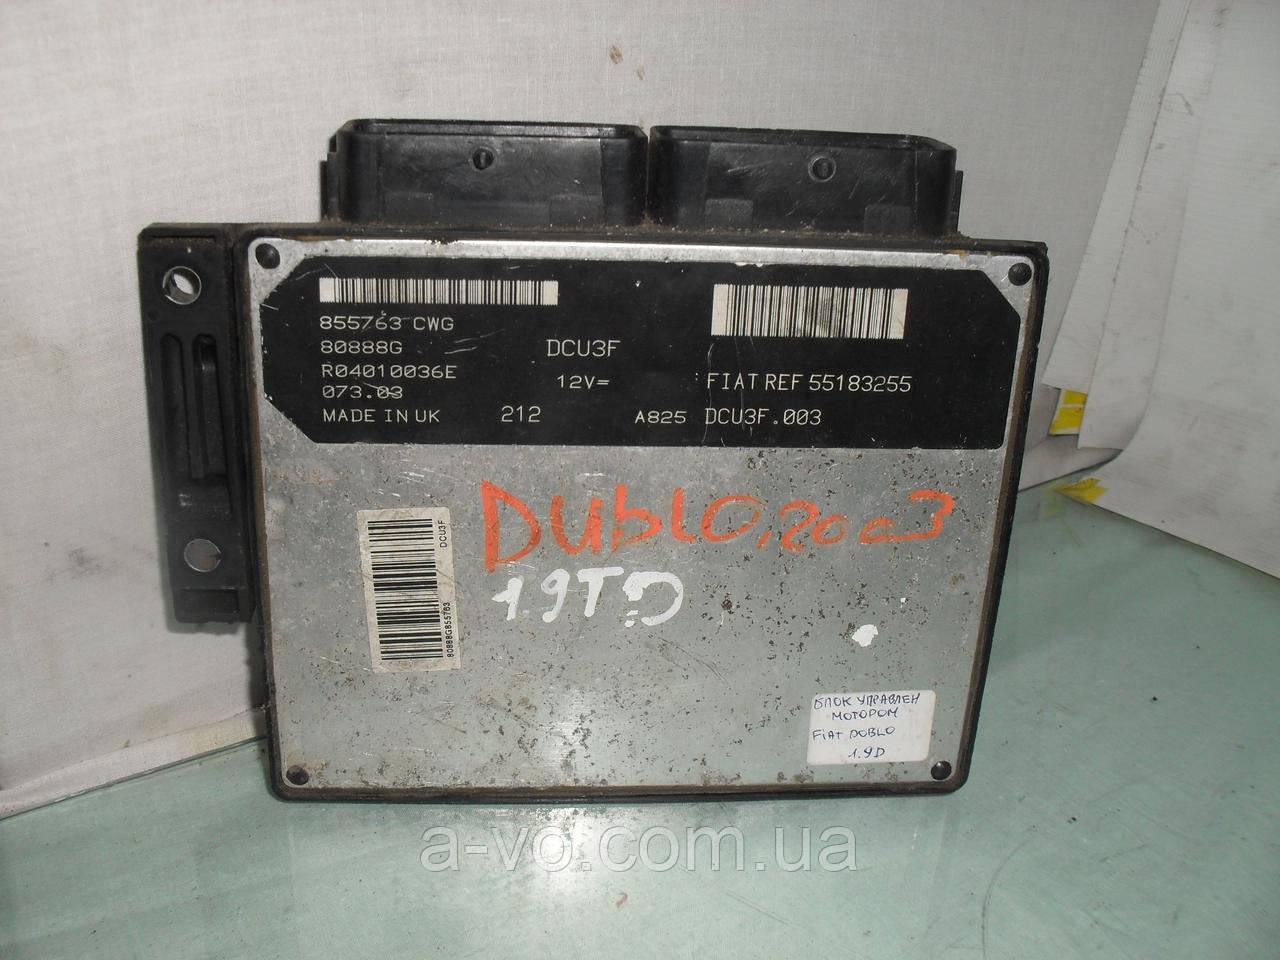 Компьютер Блок управления двигателем ЭБУ Fiat Doblo 1,9TD , 55183255, R04010036E